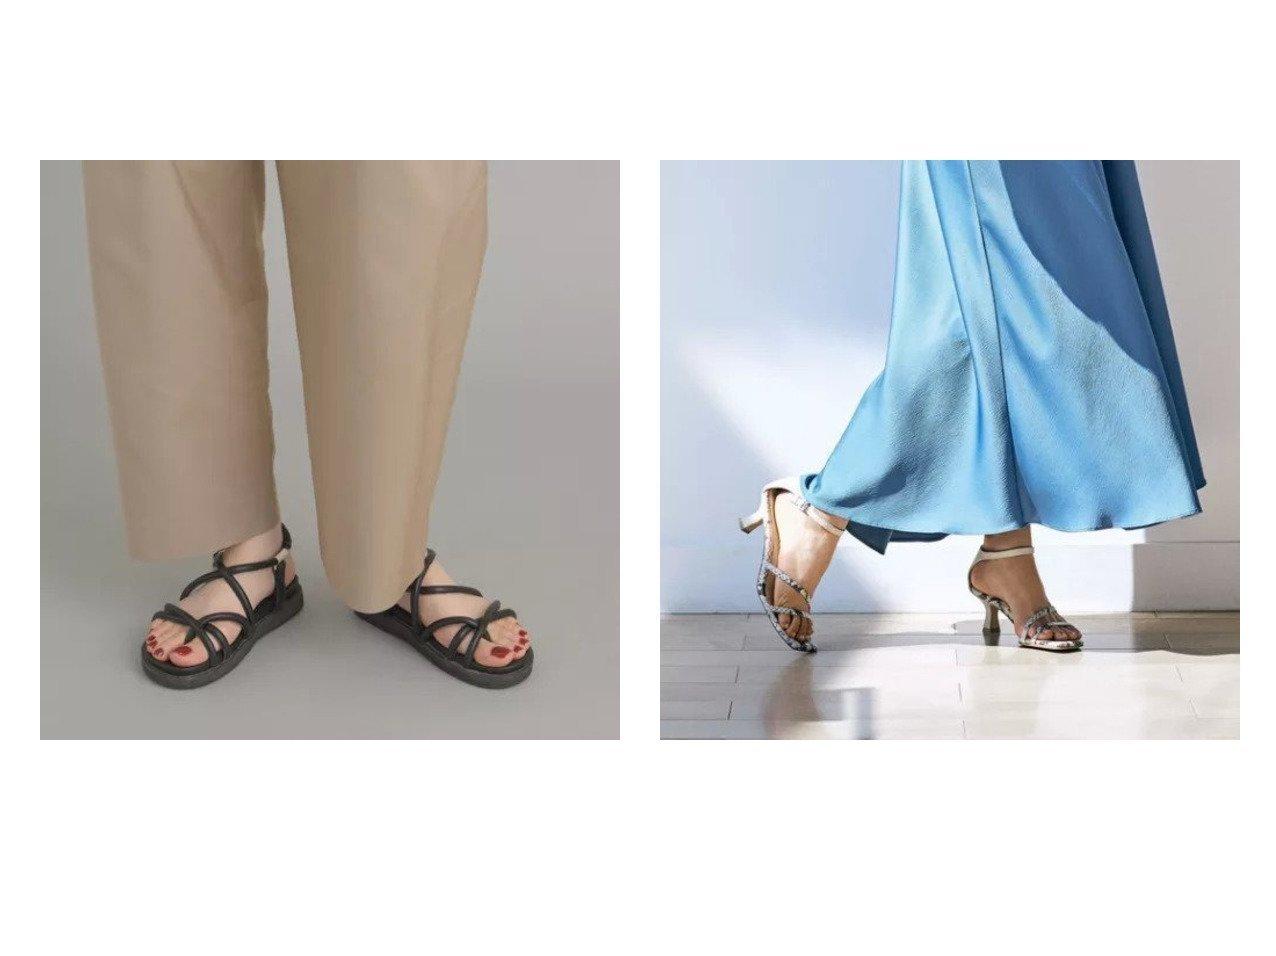 【Odette e Odile/オデット エ オディール】のOFC フットベットチューブ サンダル20&【LAUTRE AMONT/ロートレ アモン】のパイソンスクエアサンダル 【シューズ・靴】おすすめ!人気、トレンド・レディースファッションの通販 おすすめで人気の流行・トレンド、ファッションの通販商品 メンズファッション・キッズファッション・インテリア・家具・レディースファッション・服の通販 founy(ファニー) https://founy.com/ ファッション Fashion レディースファッション WOMEN サンダル シューズ スポーツ チューブ シンプル パイソン |ID:crp329100000036726